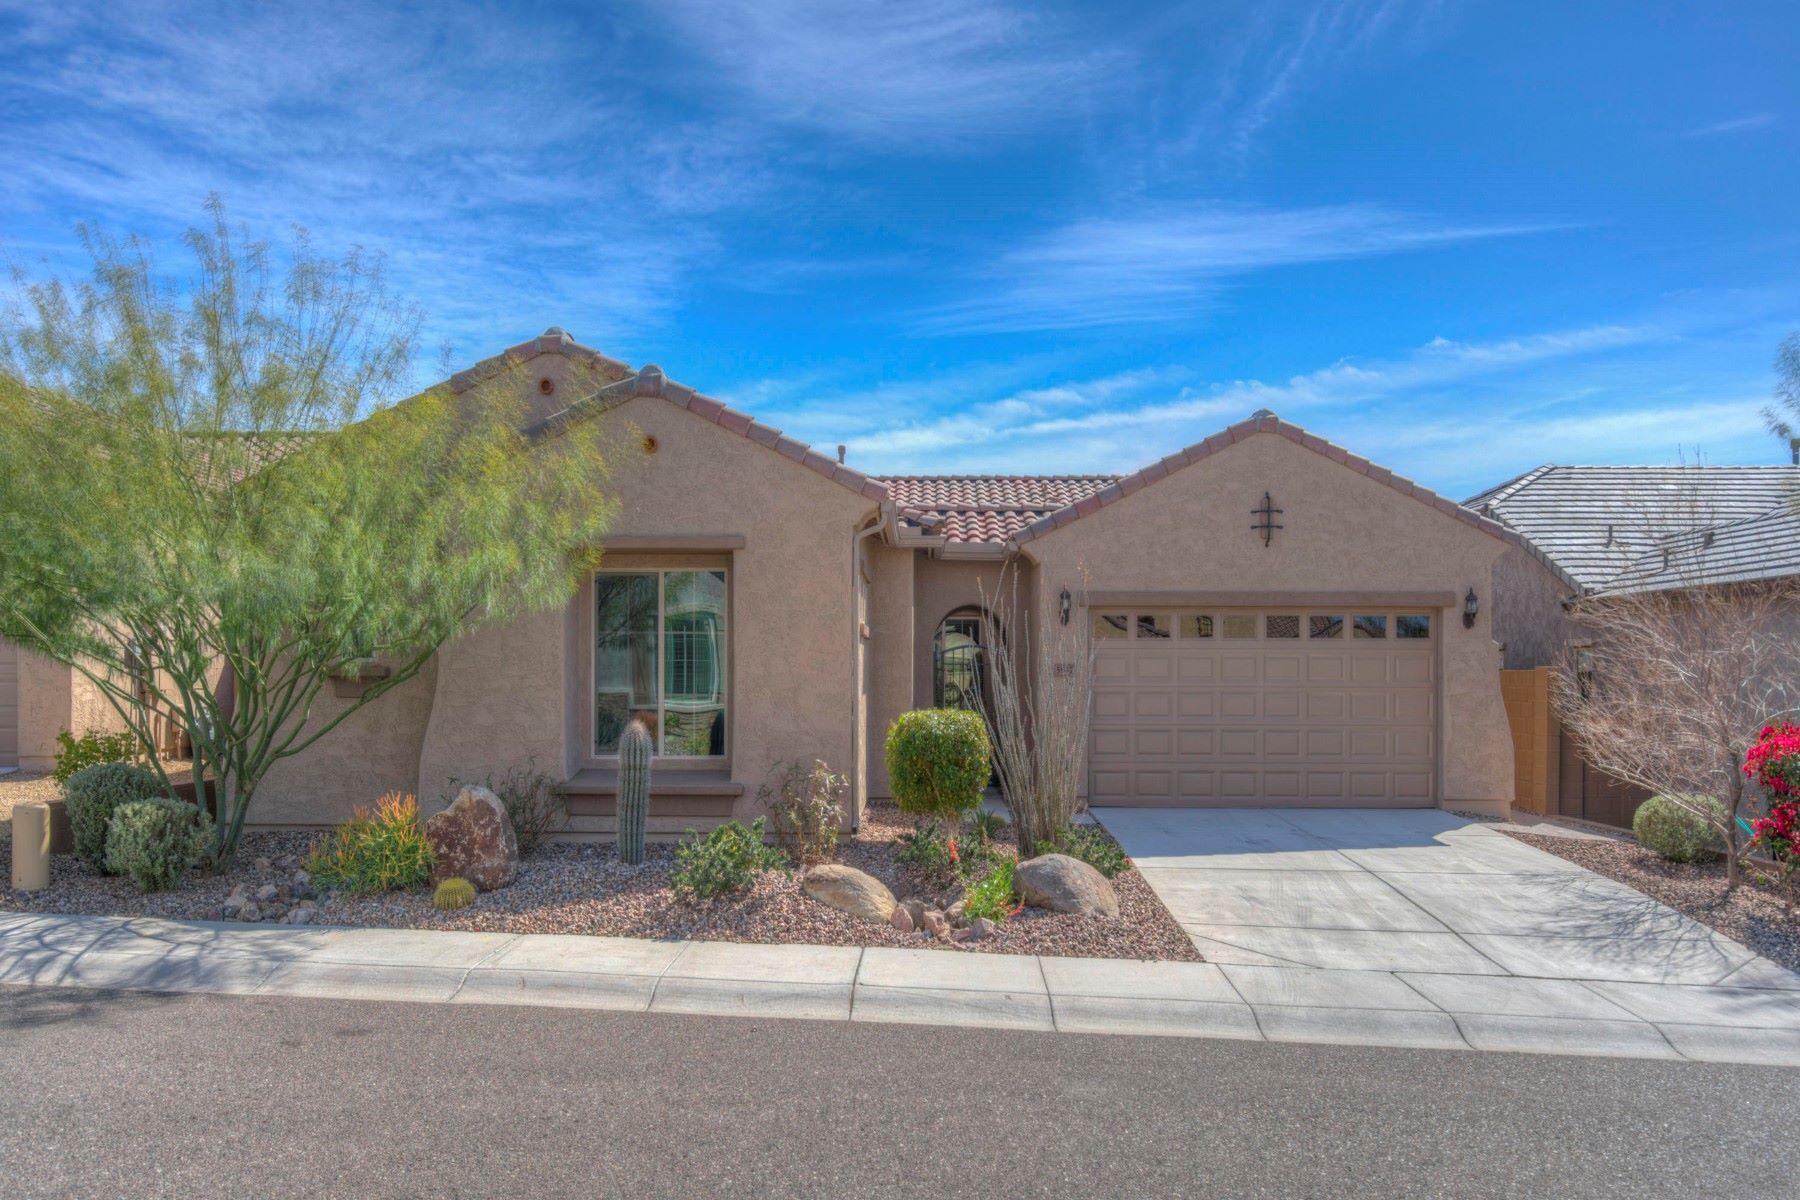 Частный односемейный дом для того Продажа на Single Story Gem in Lone Mountain 5947 E Sienna Bouquet Pl, Cave Creek, Аризона, 85331 Соединенные Штаты